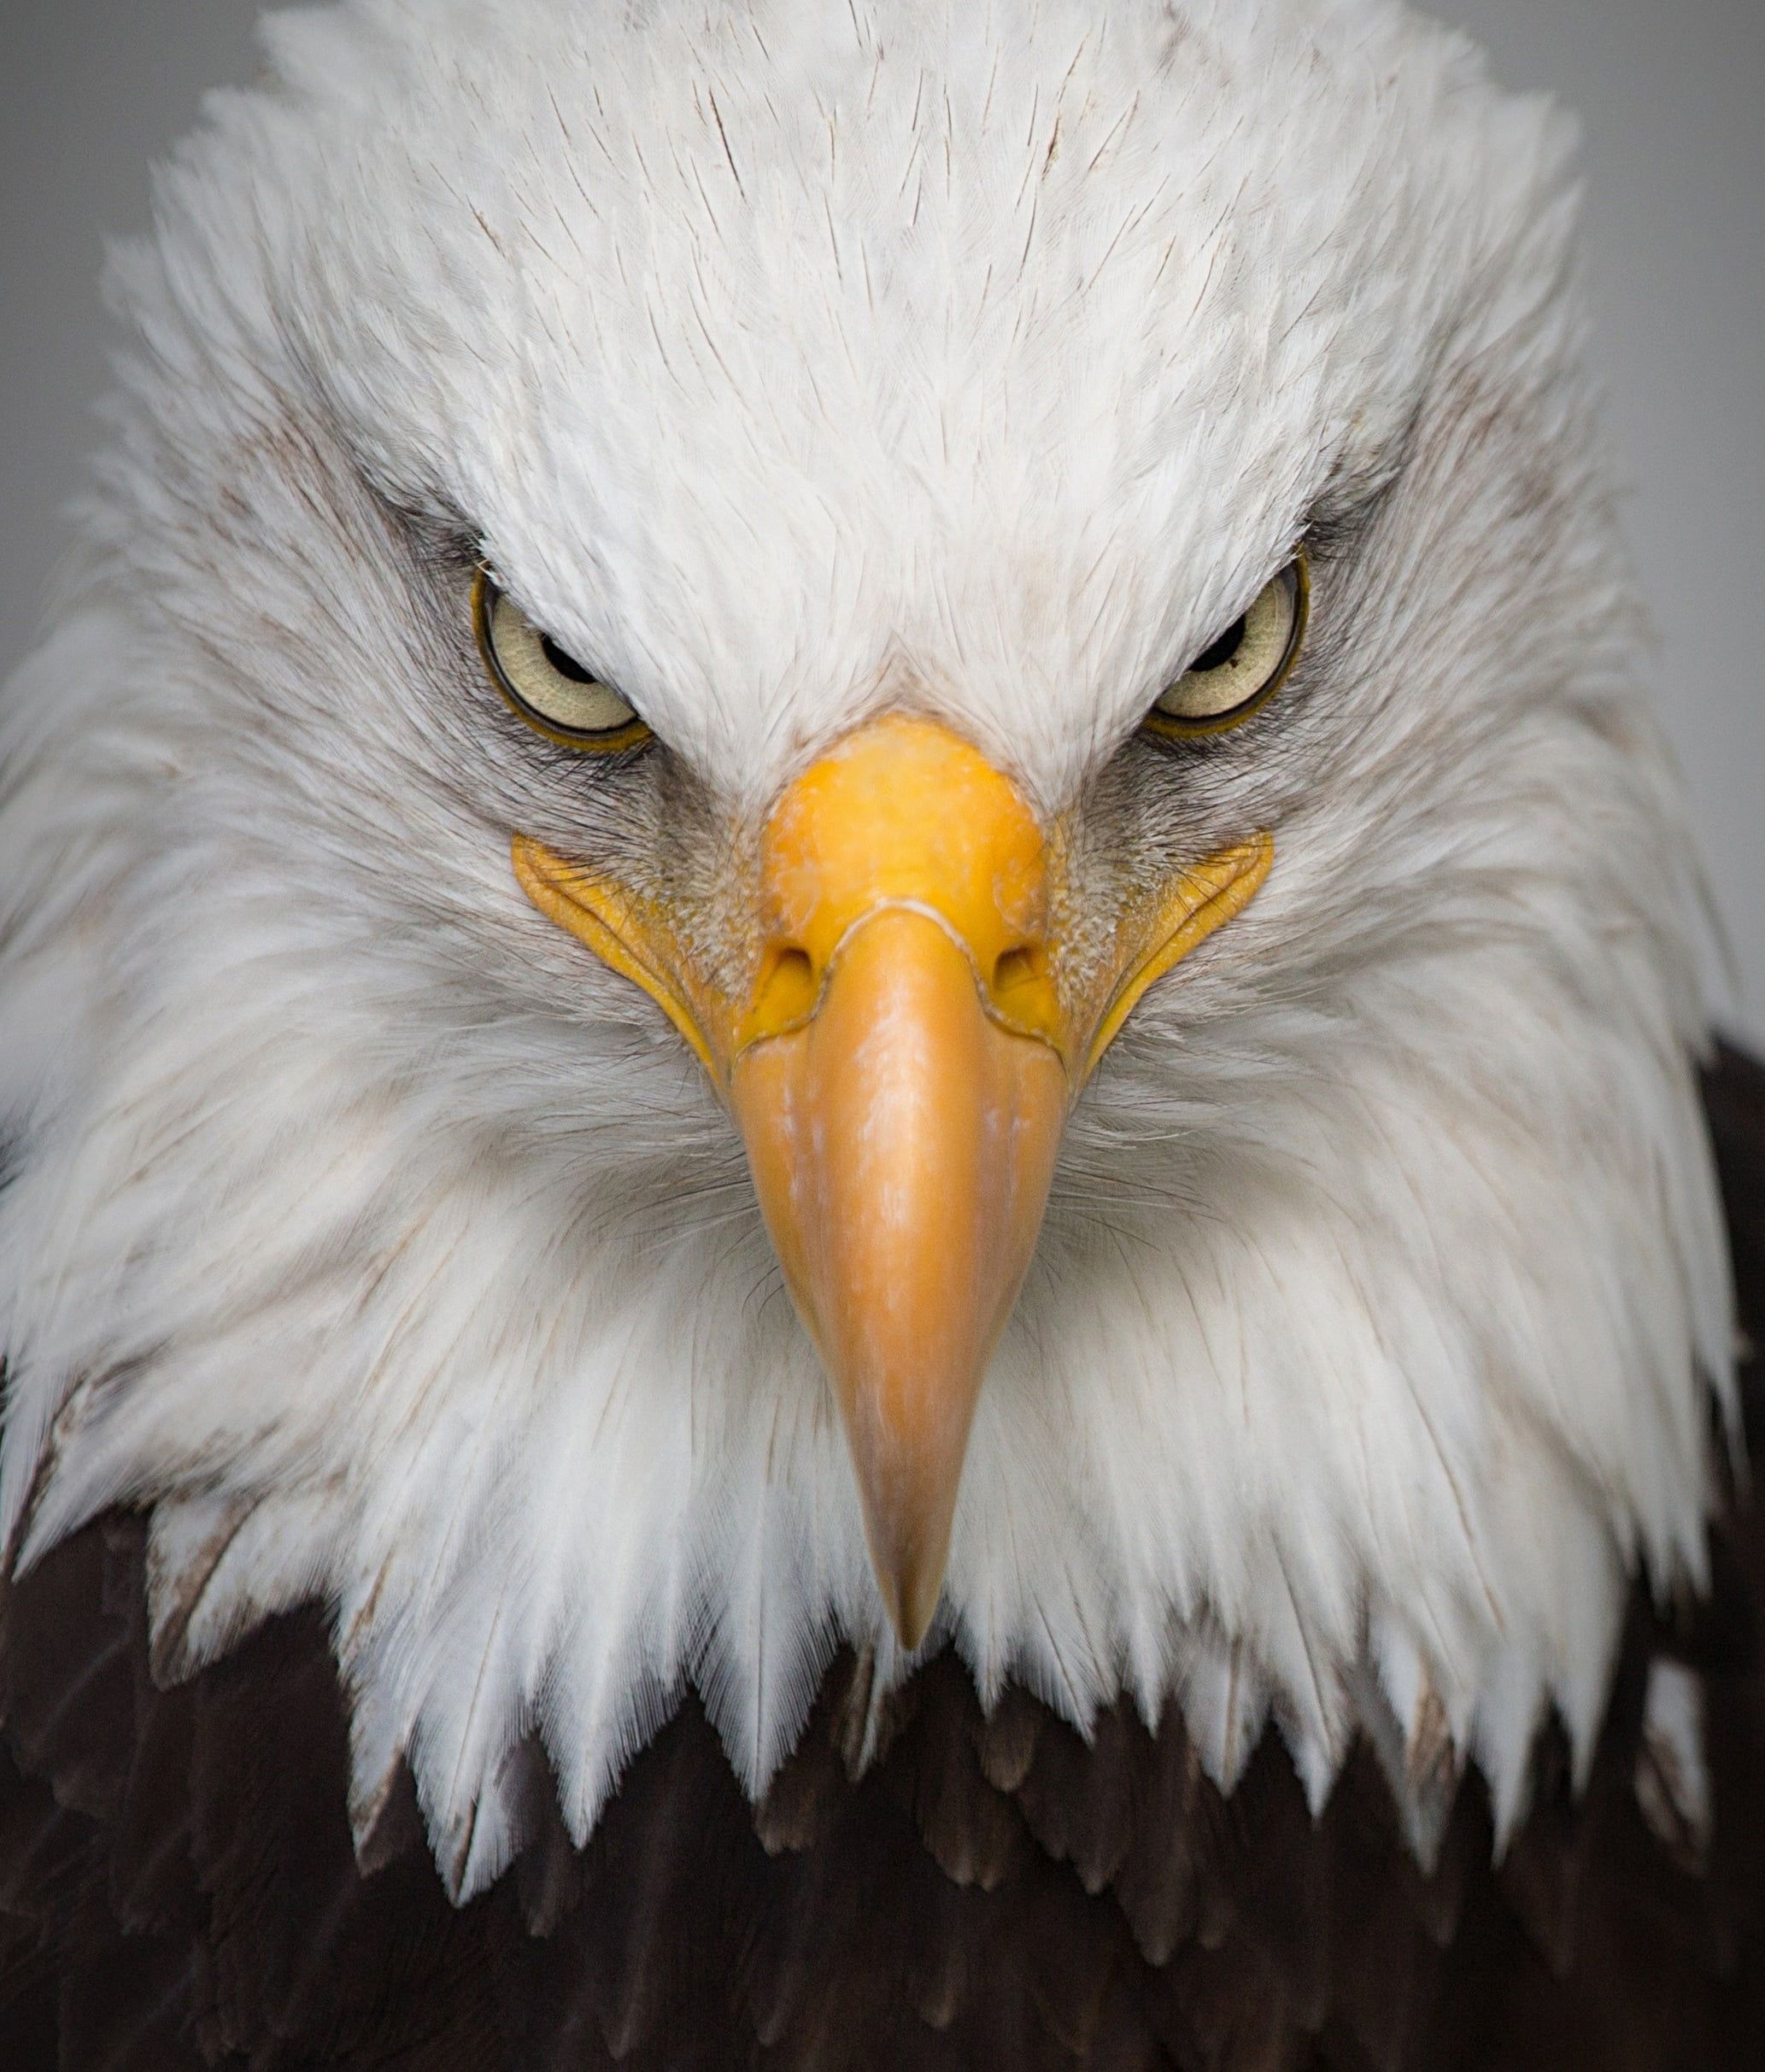 Bald Eagle HD Wallpapers - Top Free Bald Eagle HD ...